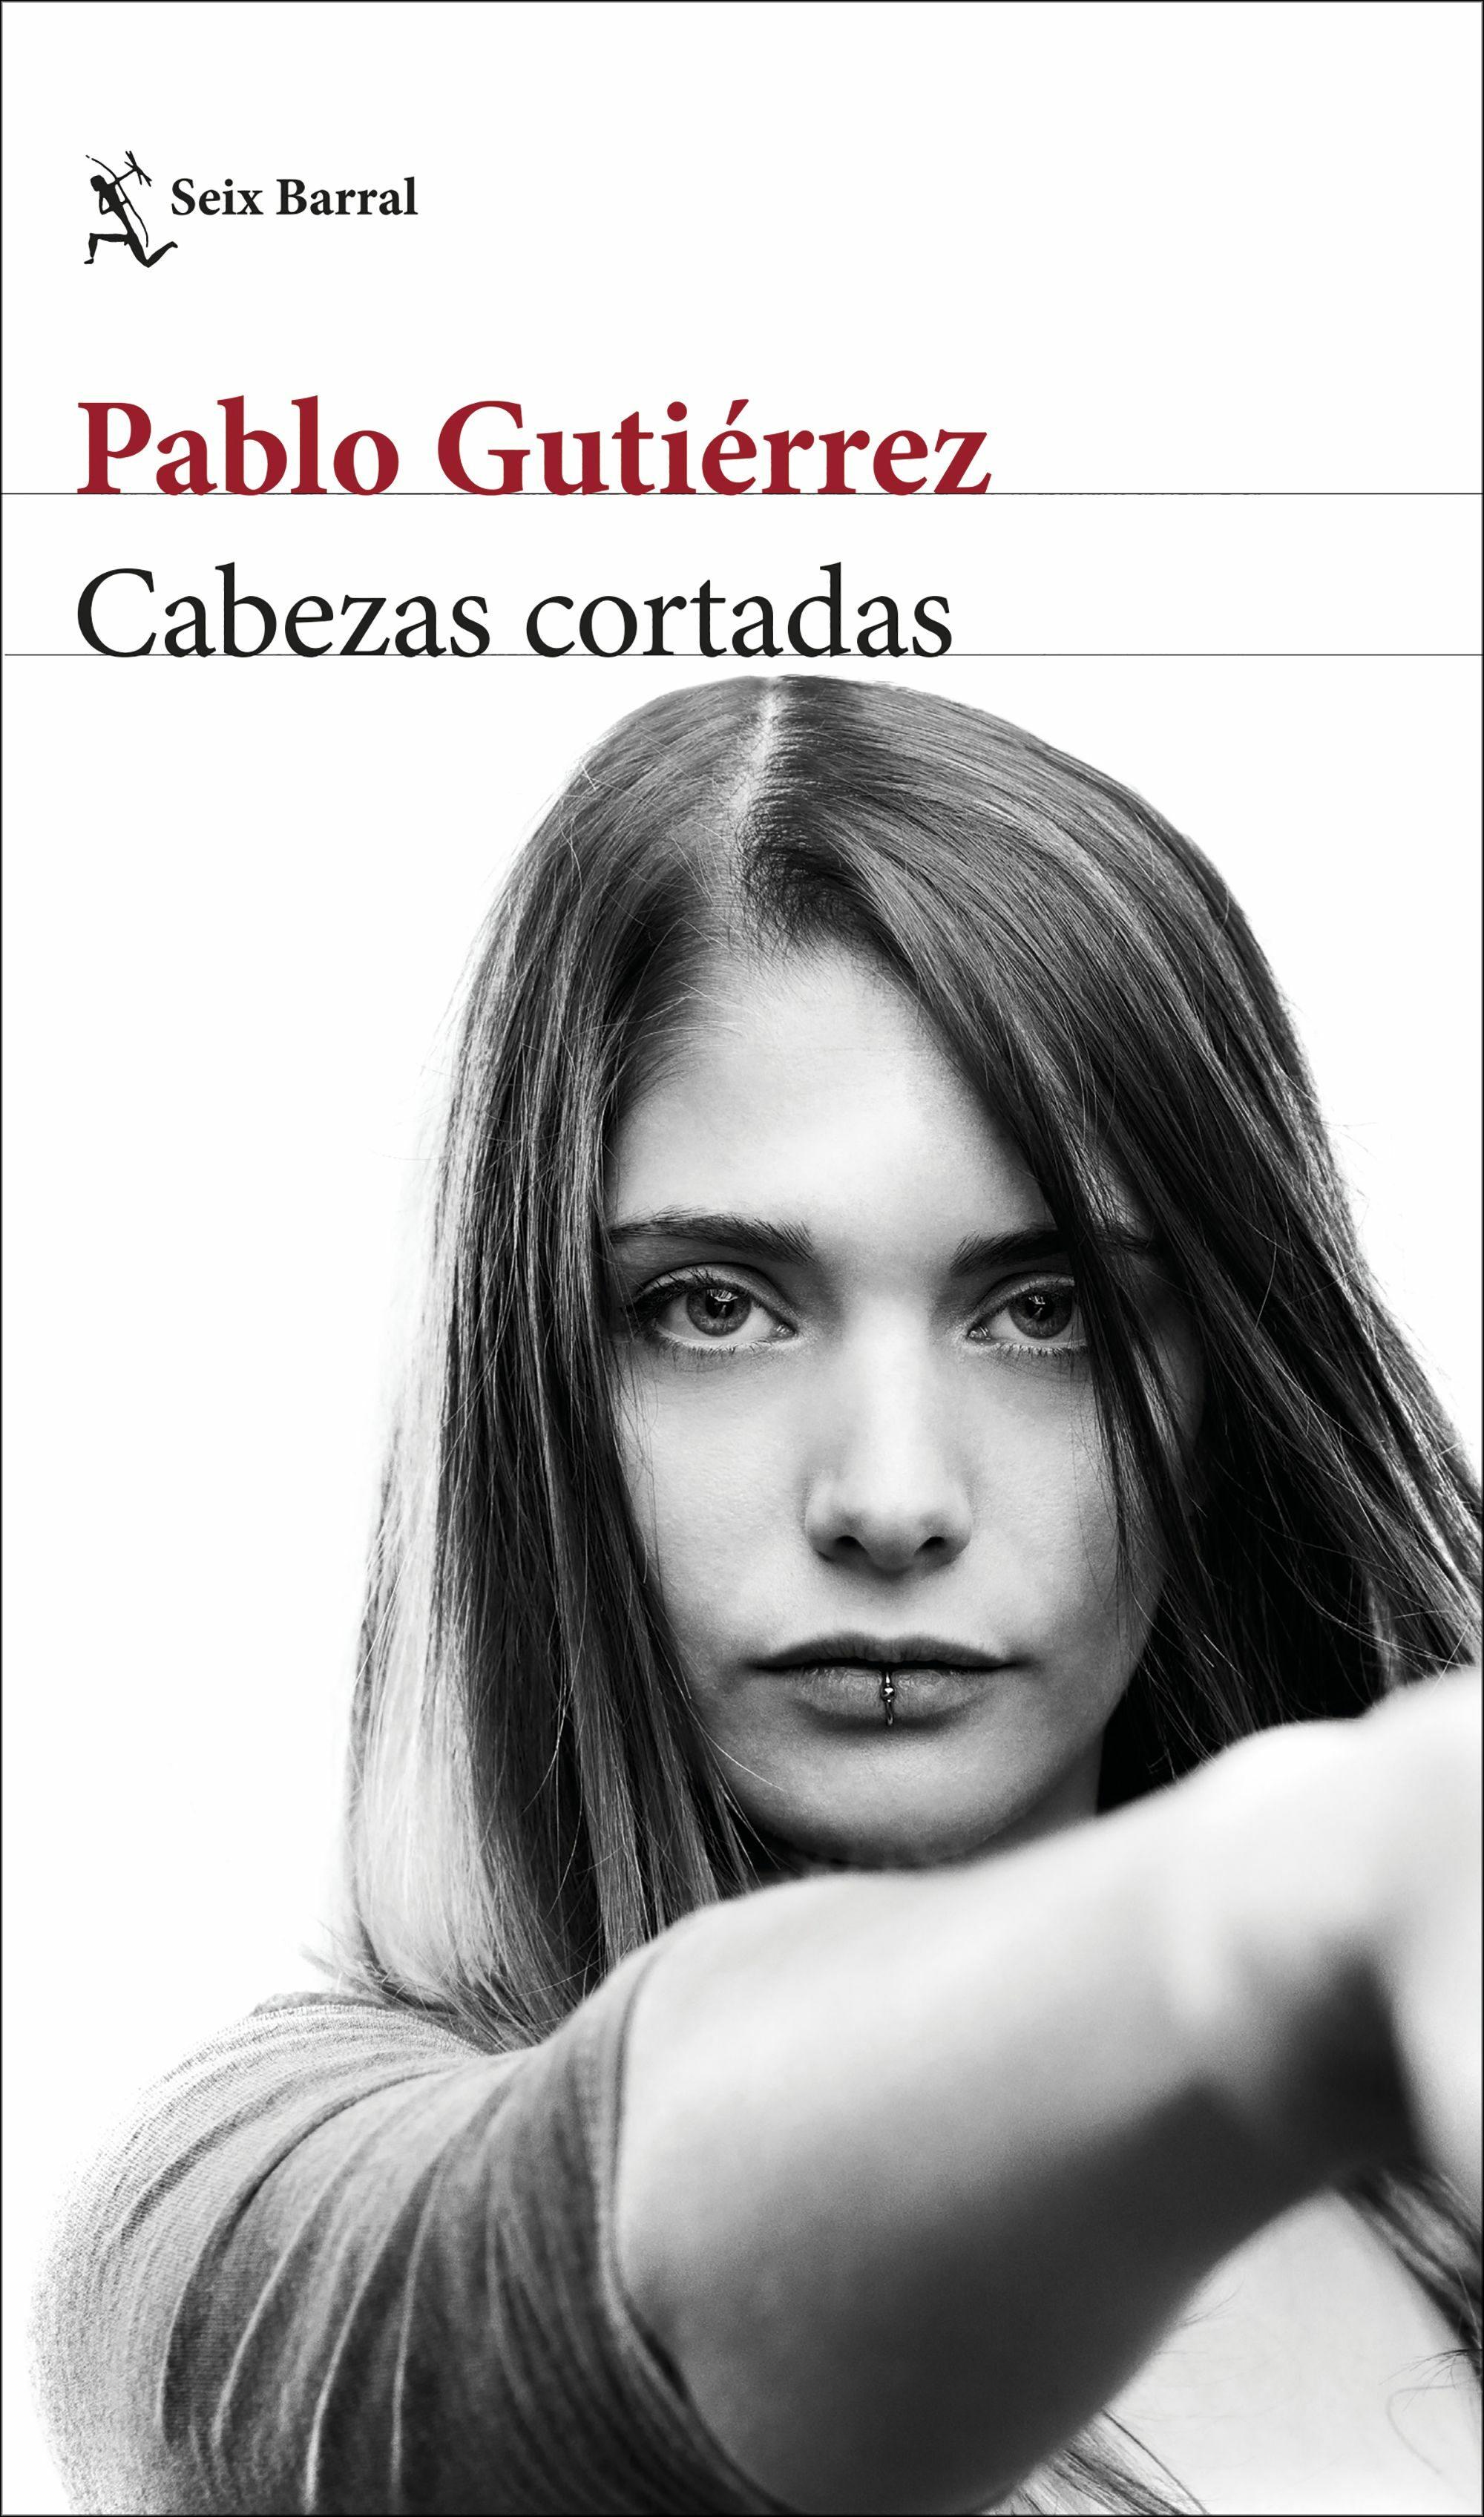 Cabezas cortadas, de Pablo Gutiérrez (Seix Barral)